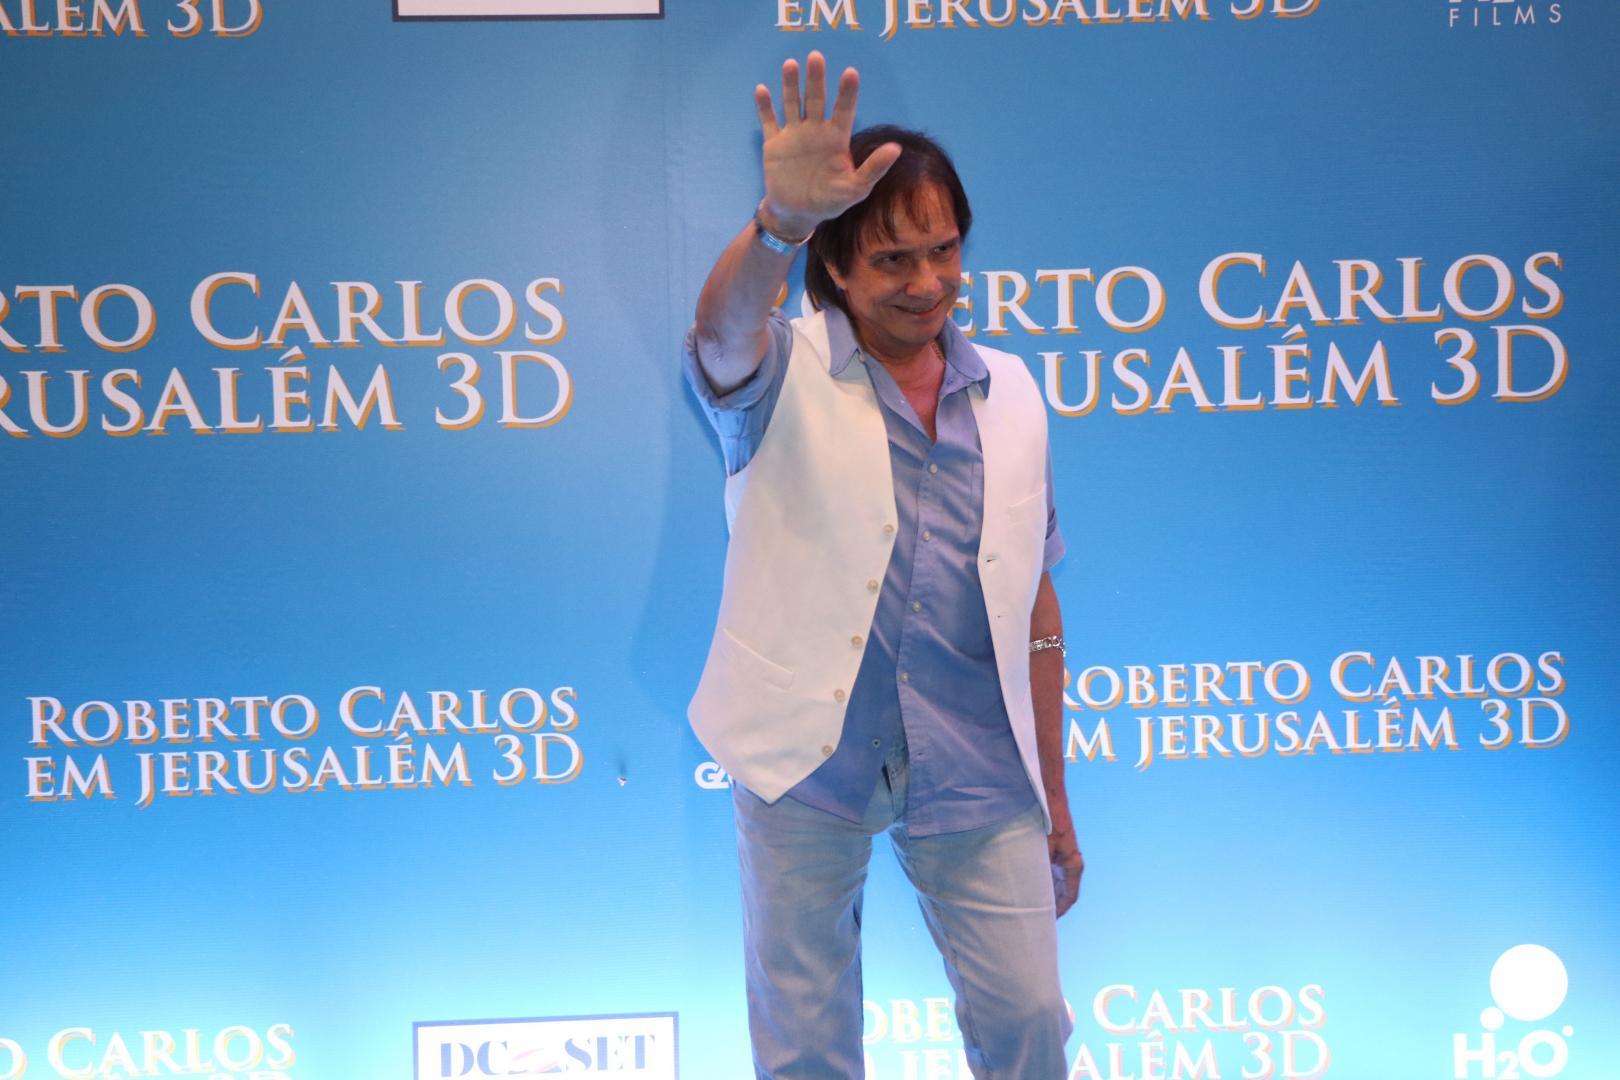 Roberto Carlos recebe famosos em estreia de seu filme 3D no Cine Odeon